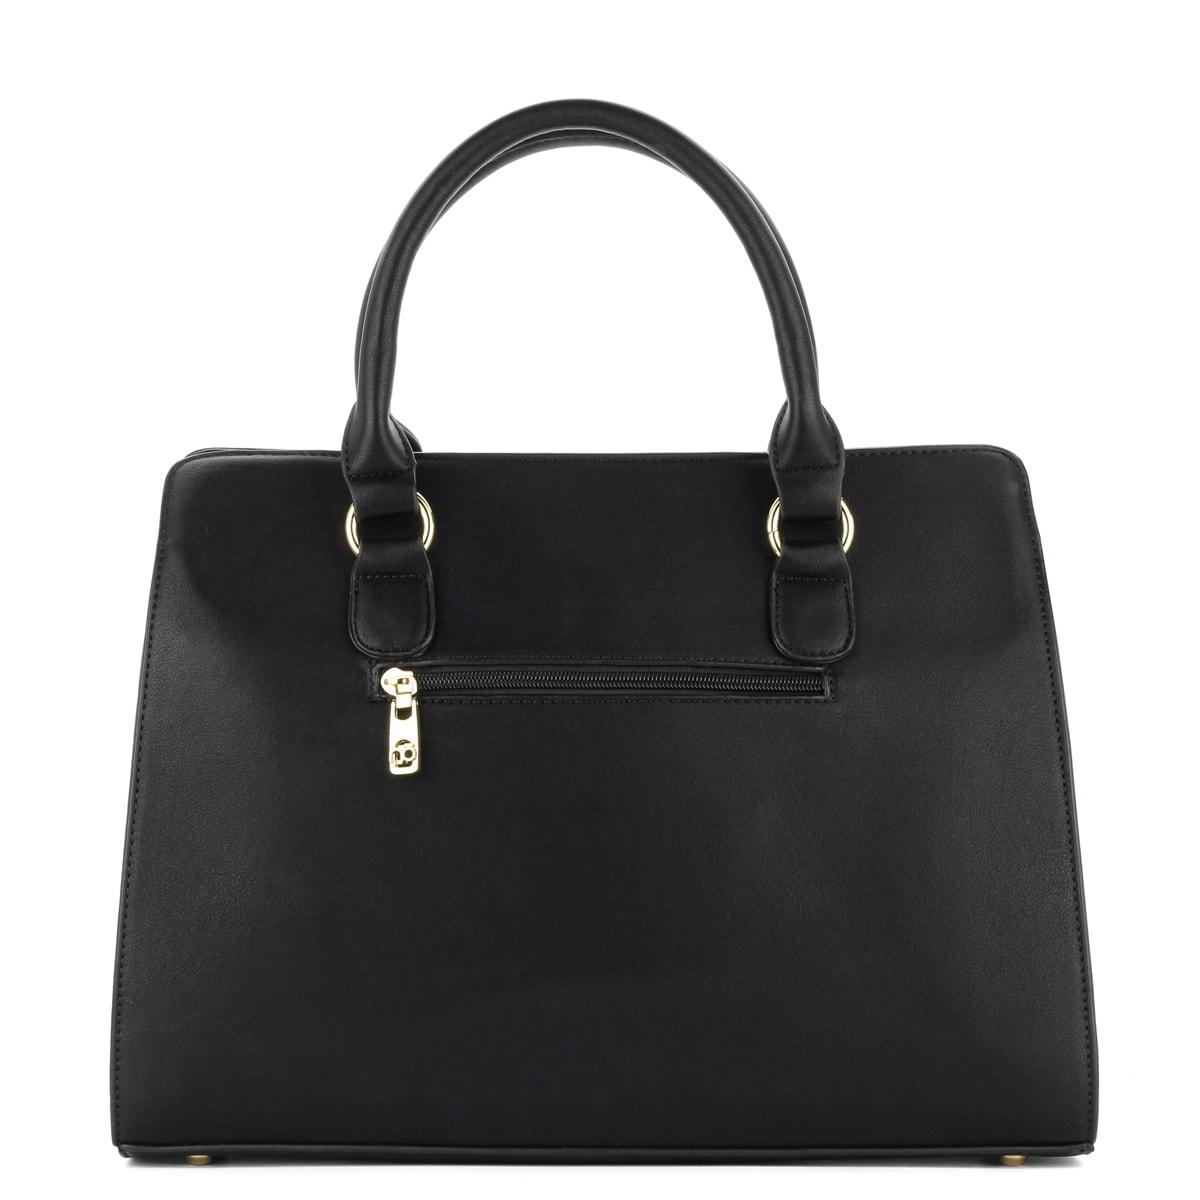 ChiX Női  Fekete Nobo női táska osztás nélküli nagy belső térrel 6814a658b7